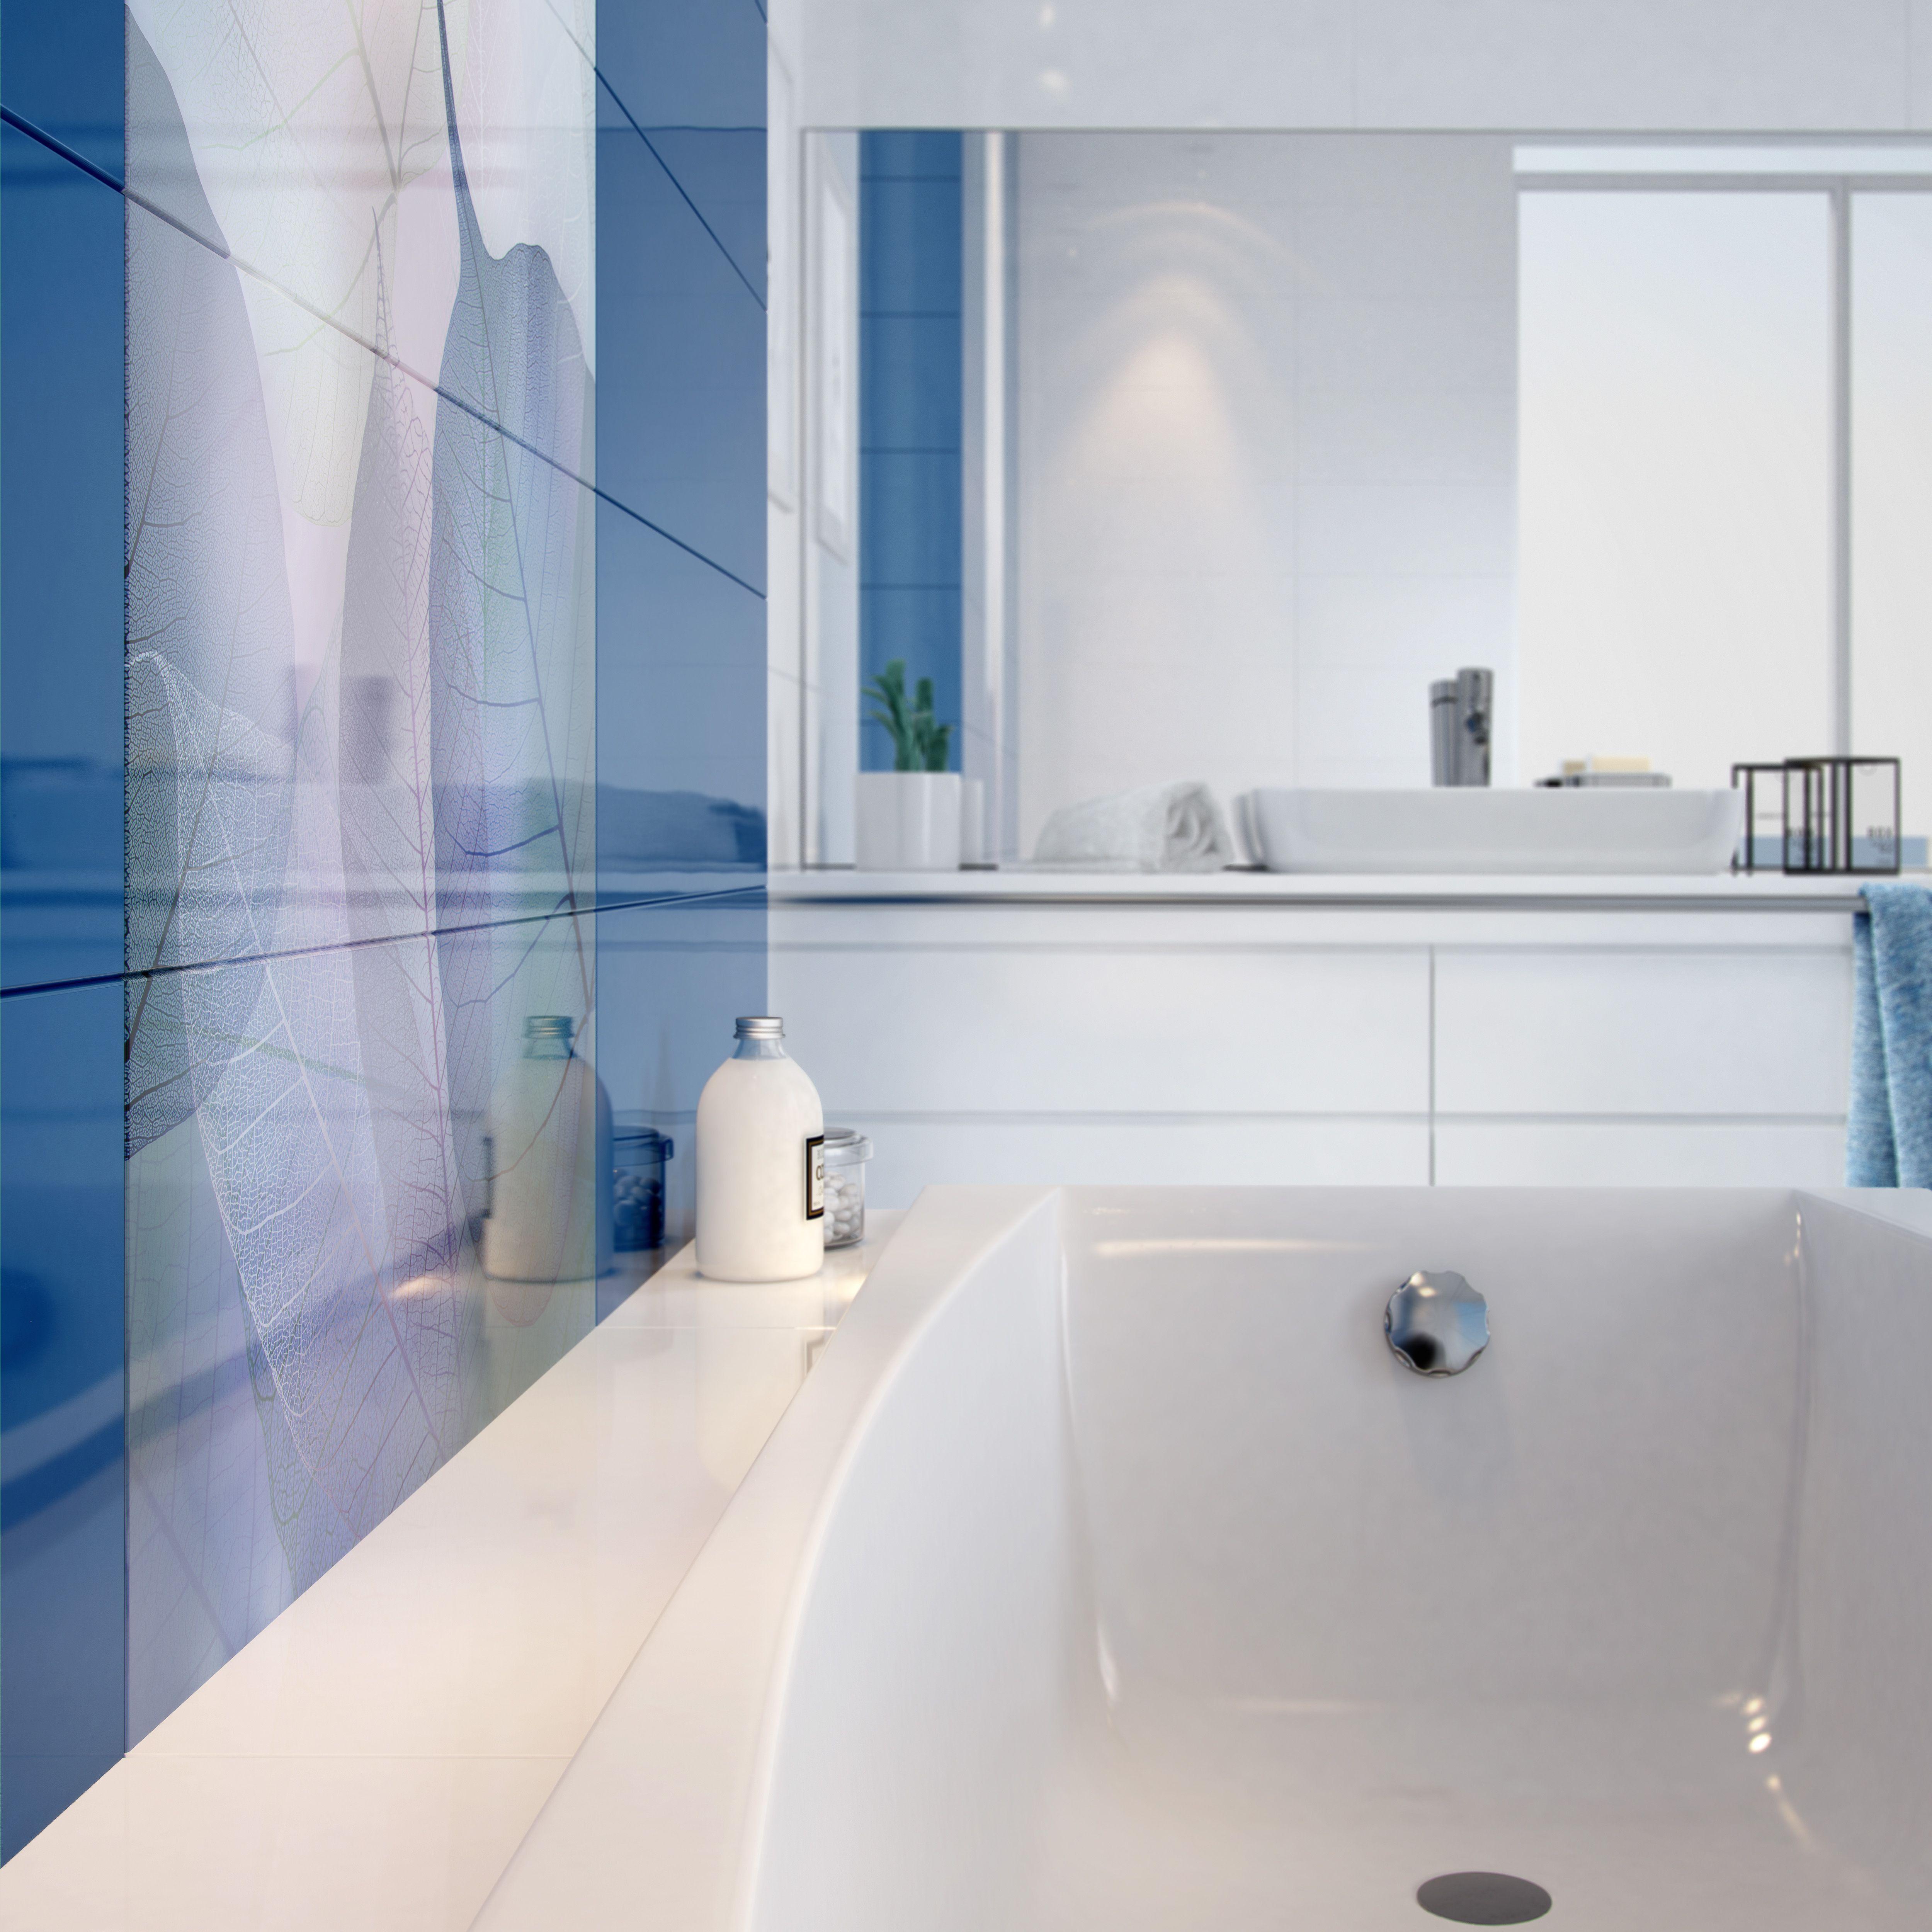 Farbige Fliesen Im Badezimmer Bildmaterial C Meissen Keramik - Farbige fliesen badezimmer